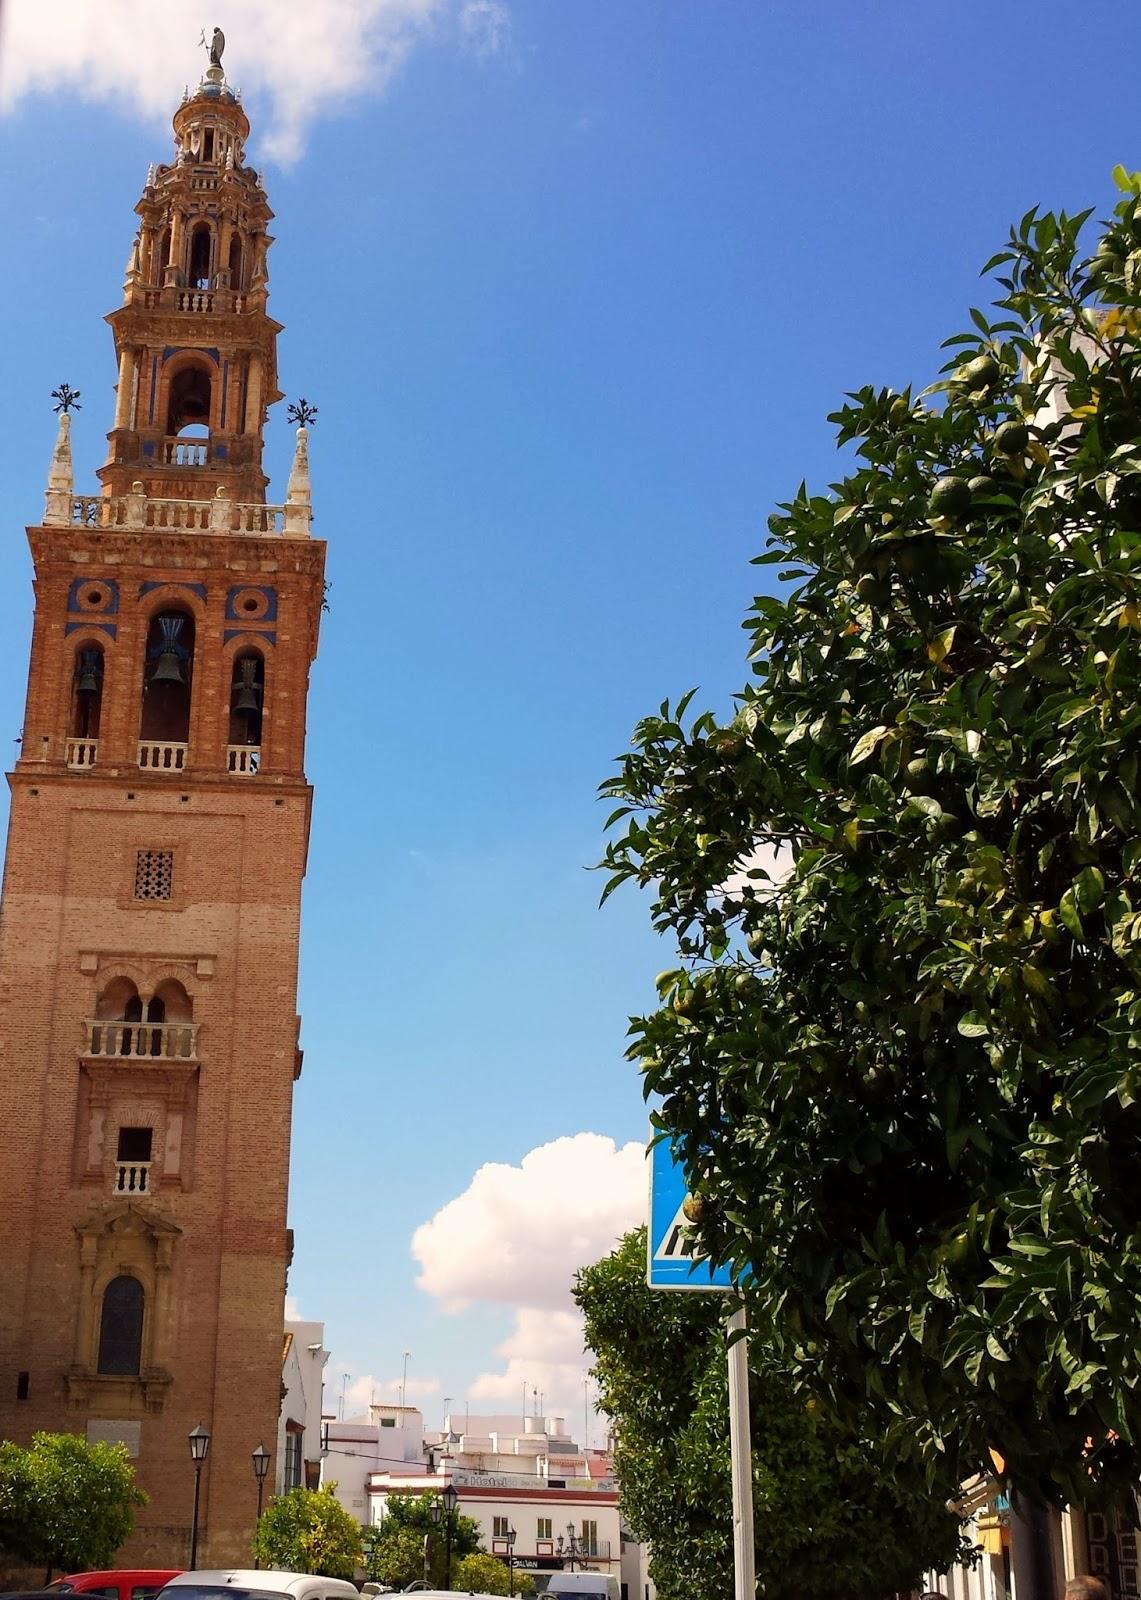 Tower of Carmona  |  Postcard from Andalucía: Jerez + Carmona  on afeathery*nest  |  http://afeatherynest.com